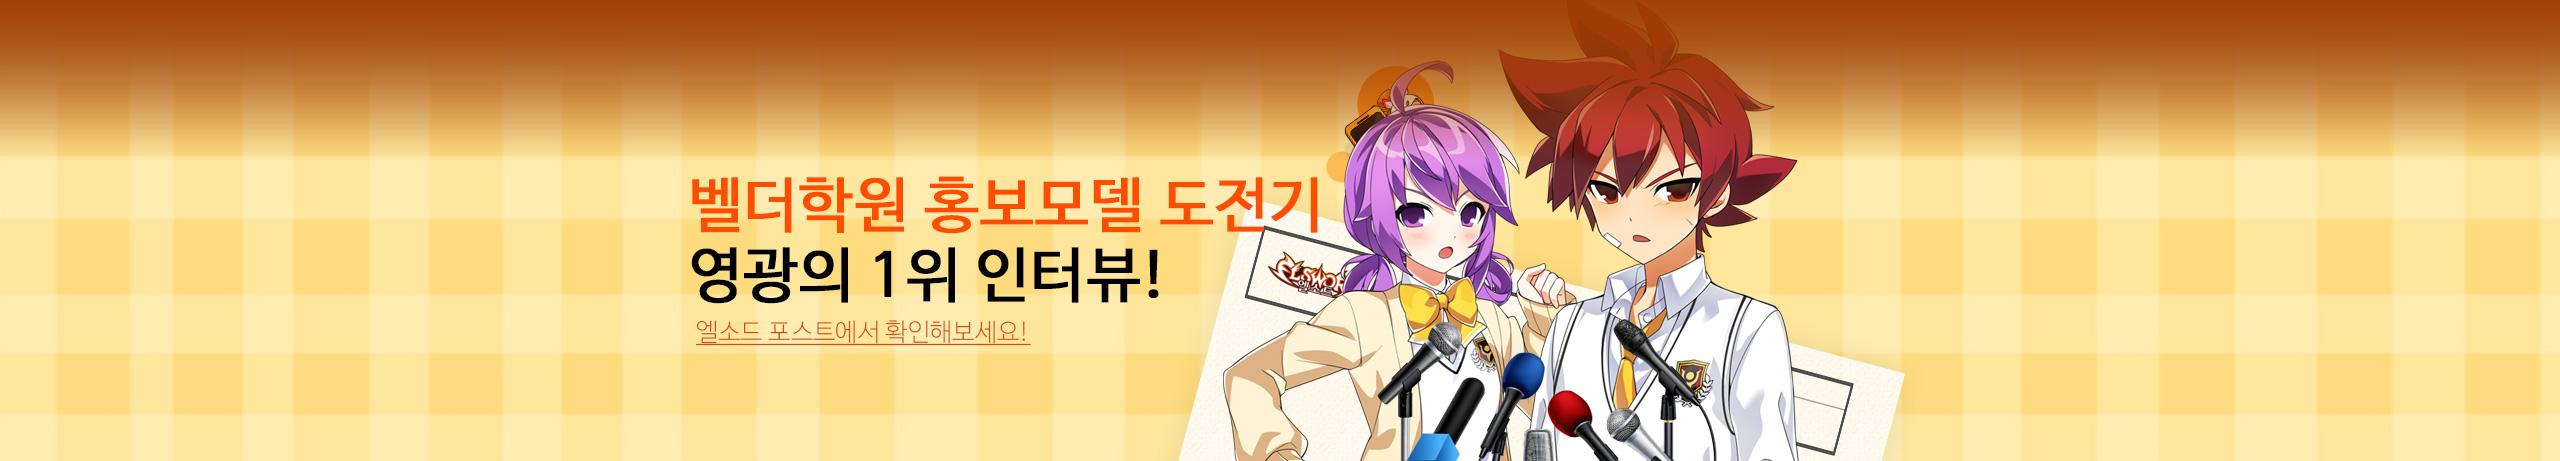 벨더학원 홍보모델 1위 인터뷰 공개